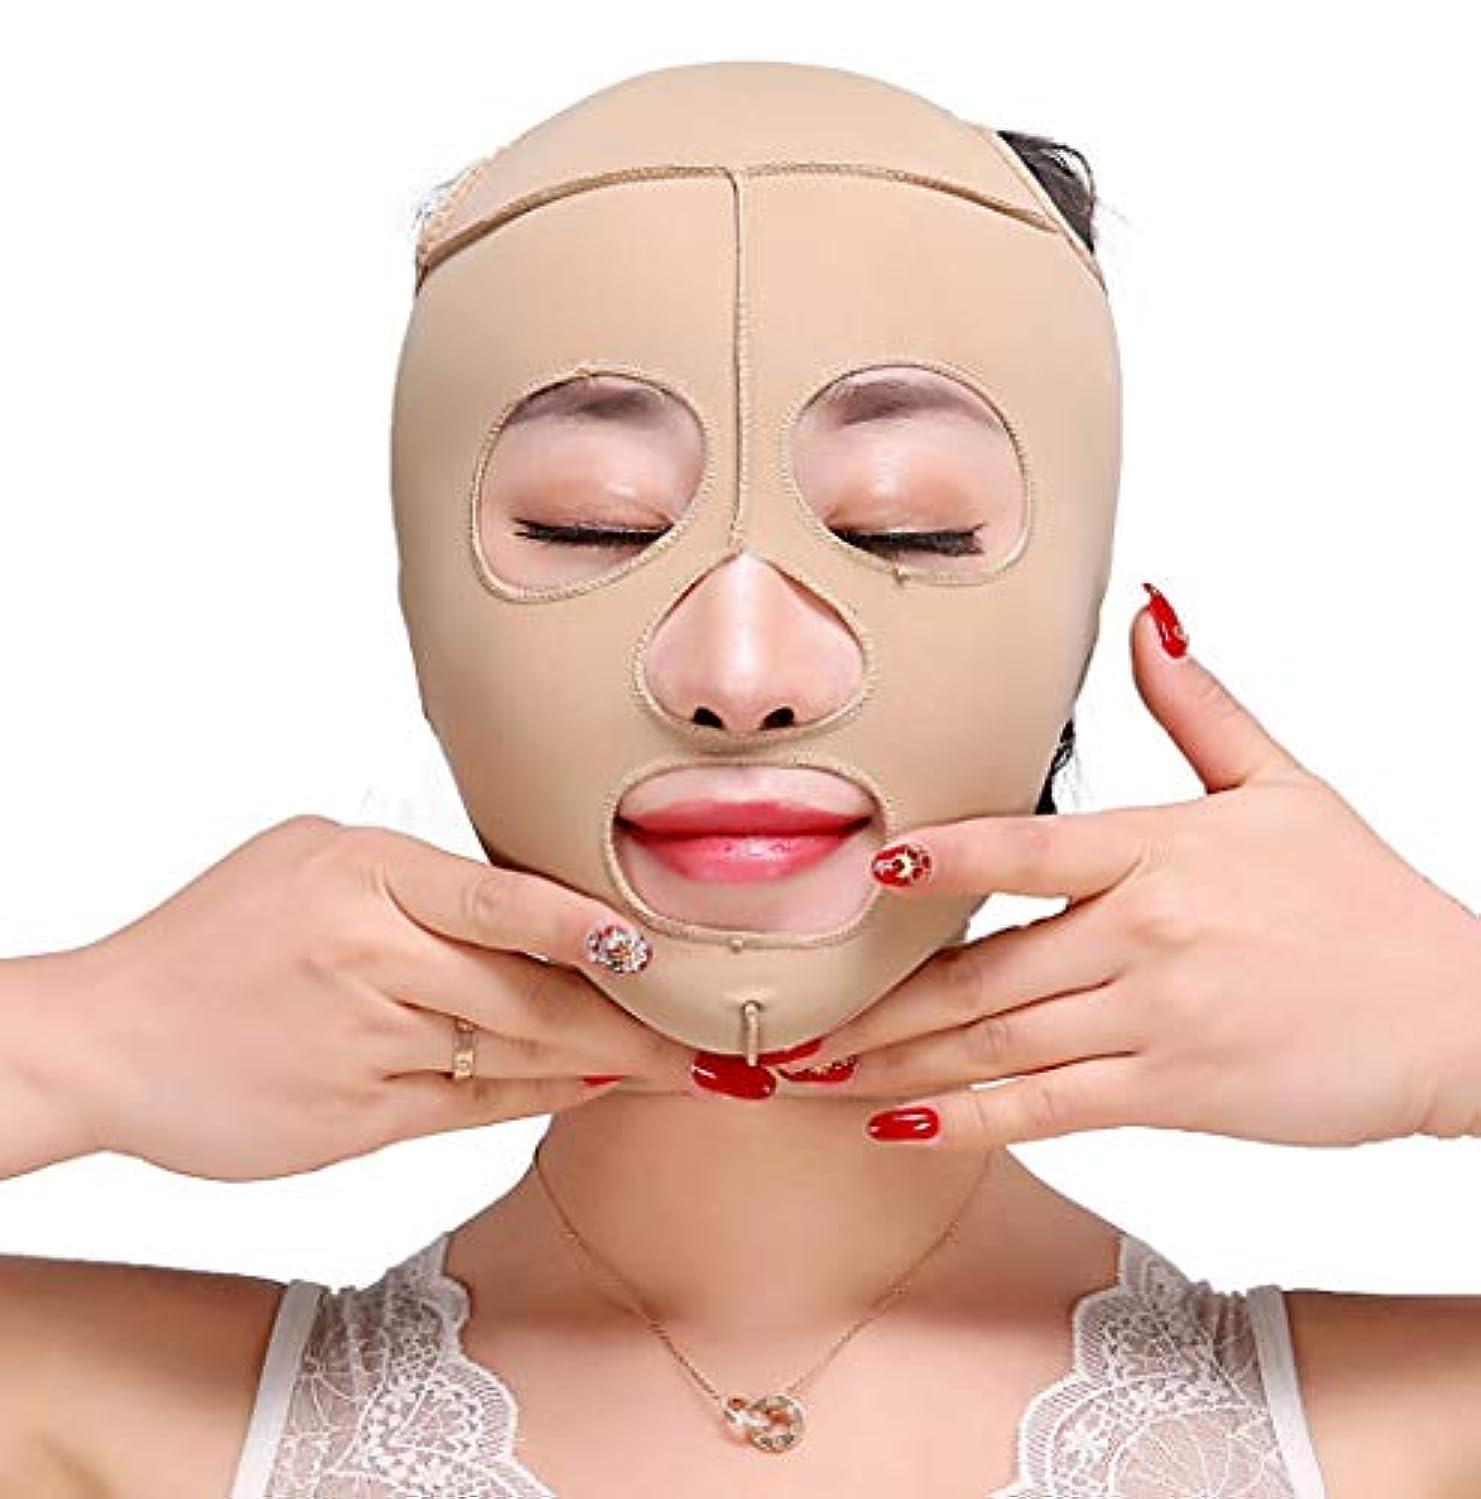 シミュレートする結核お互いGLJJQMY 痩身ベルト痩身ベルト薄い顔の包帯小V顔の顔の薄い顔のマスク包帯の強化引き締めV顔美容マスク小さな顔の包帯の頭飾り修正顔の形 顔用整形マスク (Size : M)